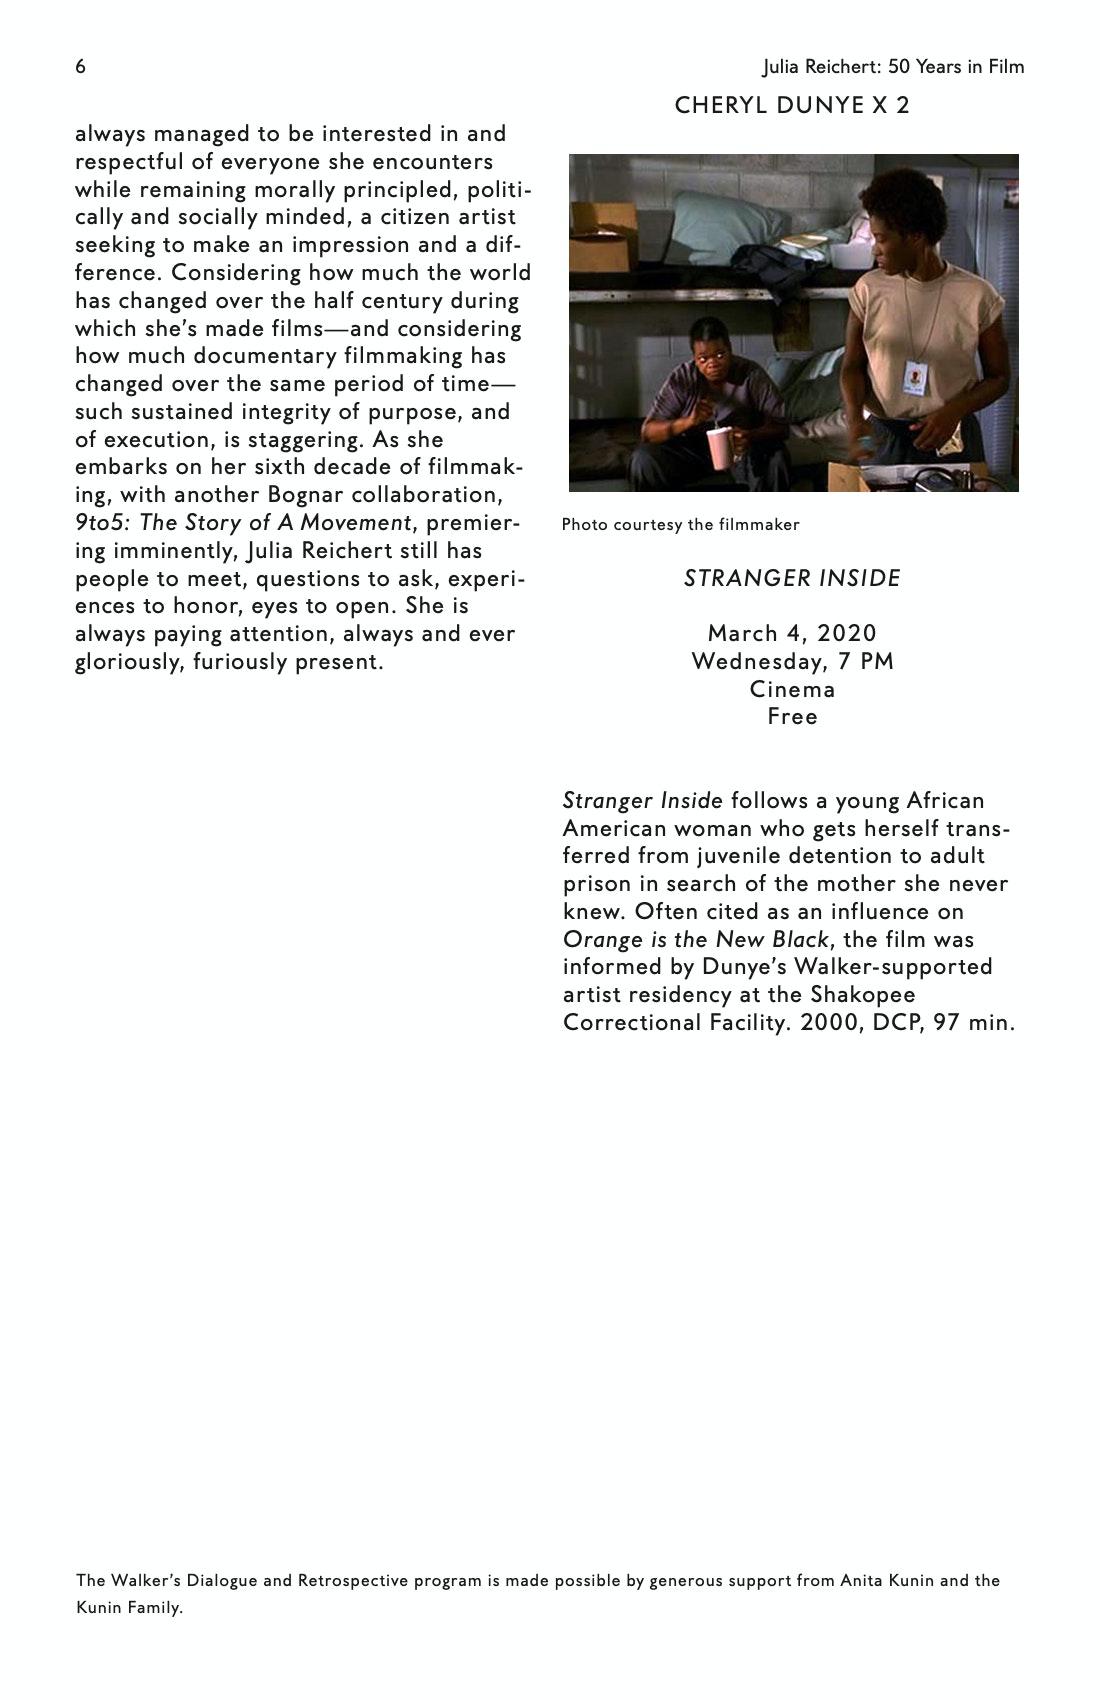 Julia Reichert Dialogue event brochure page 6